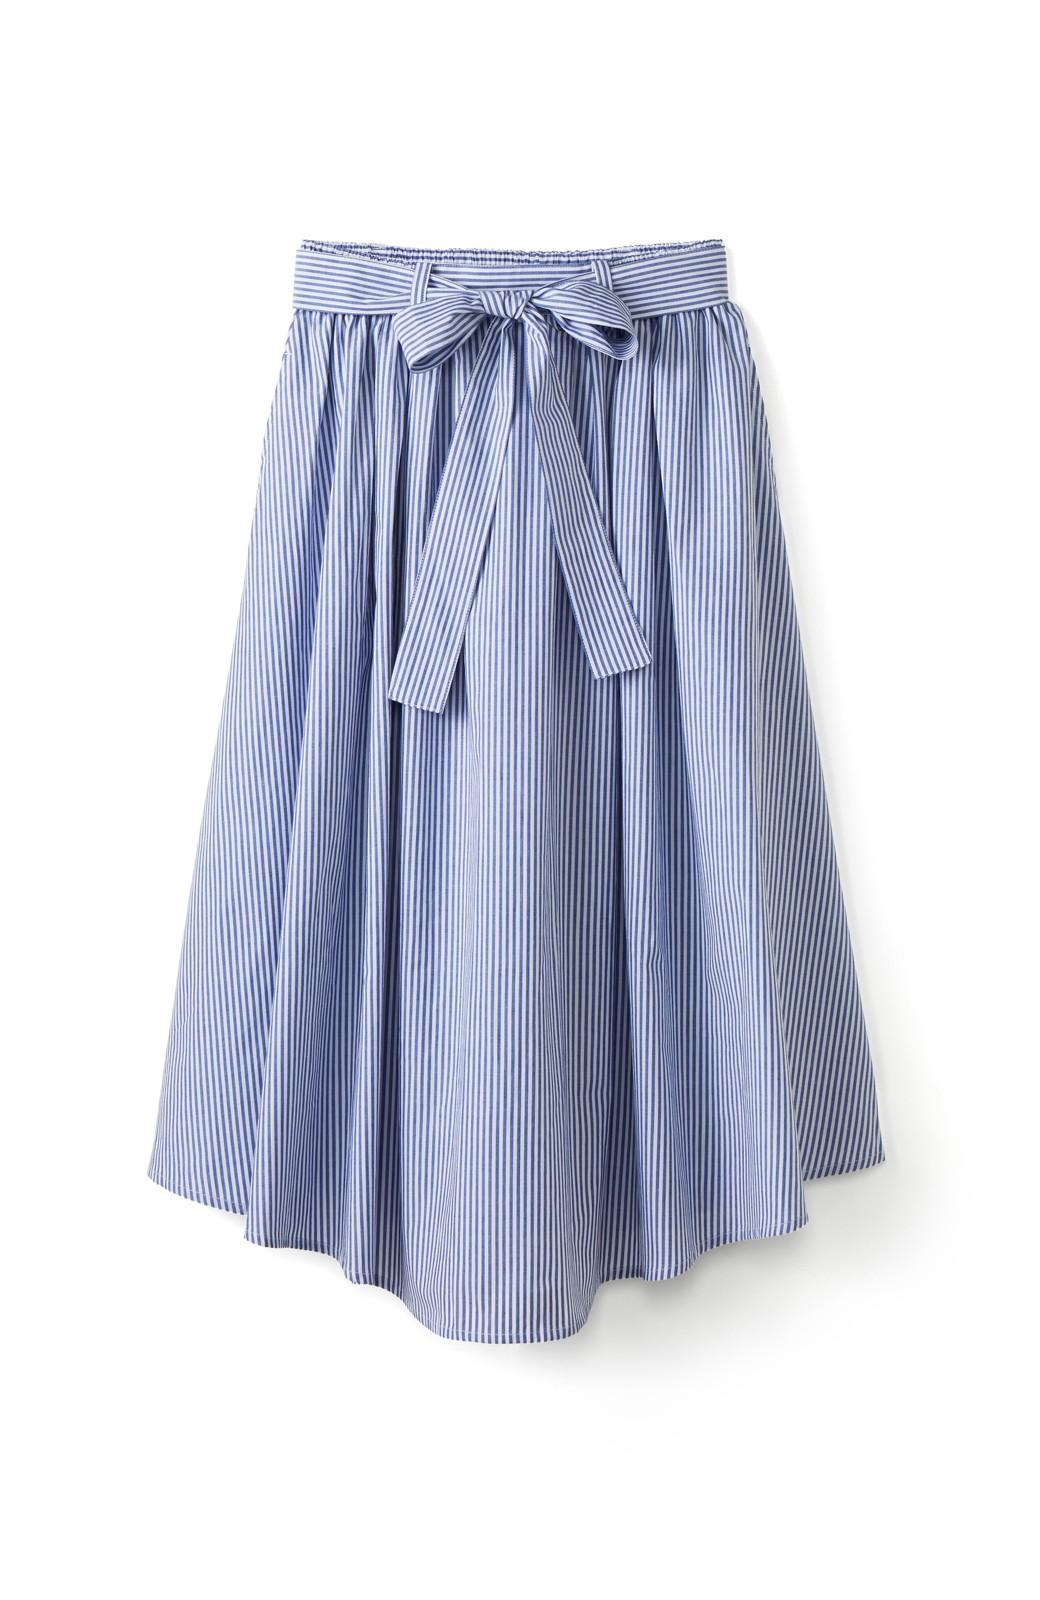 エムトロワ 抜き衿シャツ&ふんわりスカートの総柄セットアップ <ホワイト×ブルー>の商品写真3